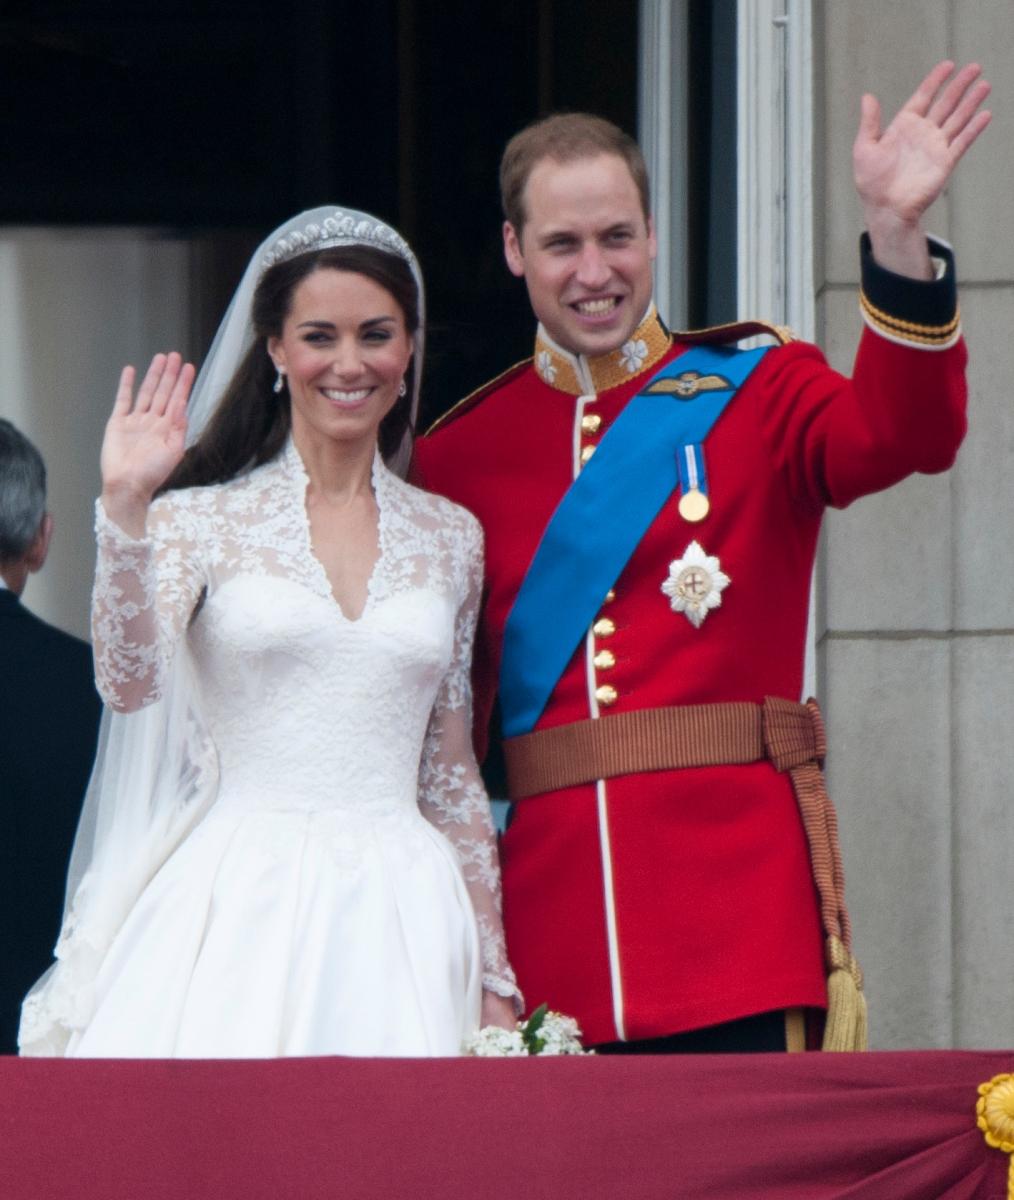 2011年、ウィリアム王子とキャサリン妃のロイヤルウェディング。Photo:Getty Images